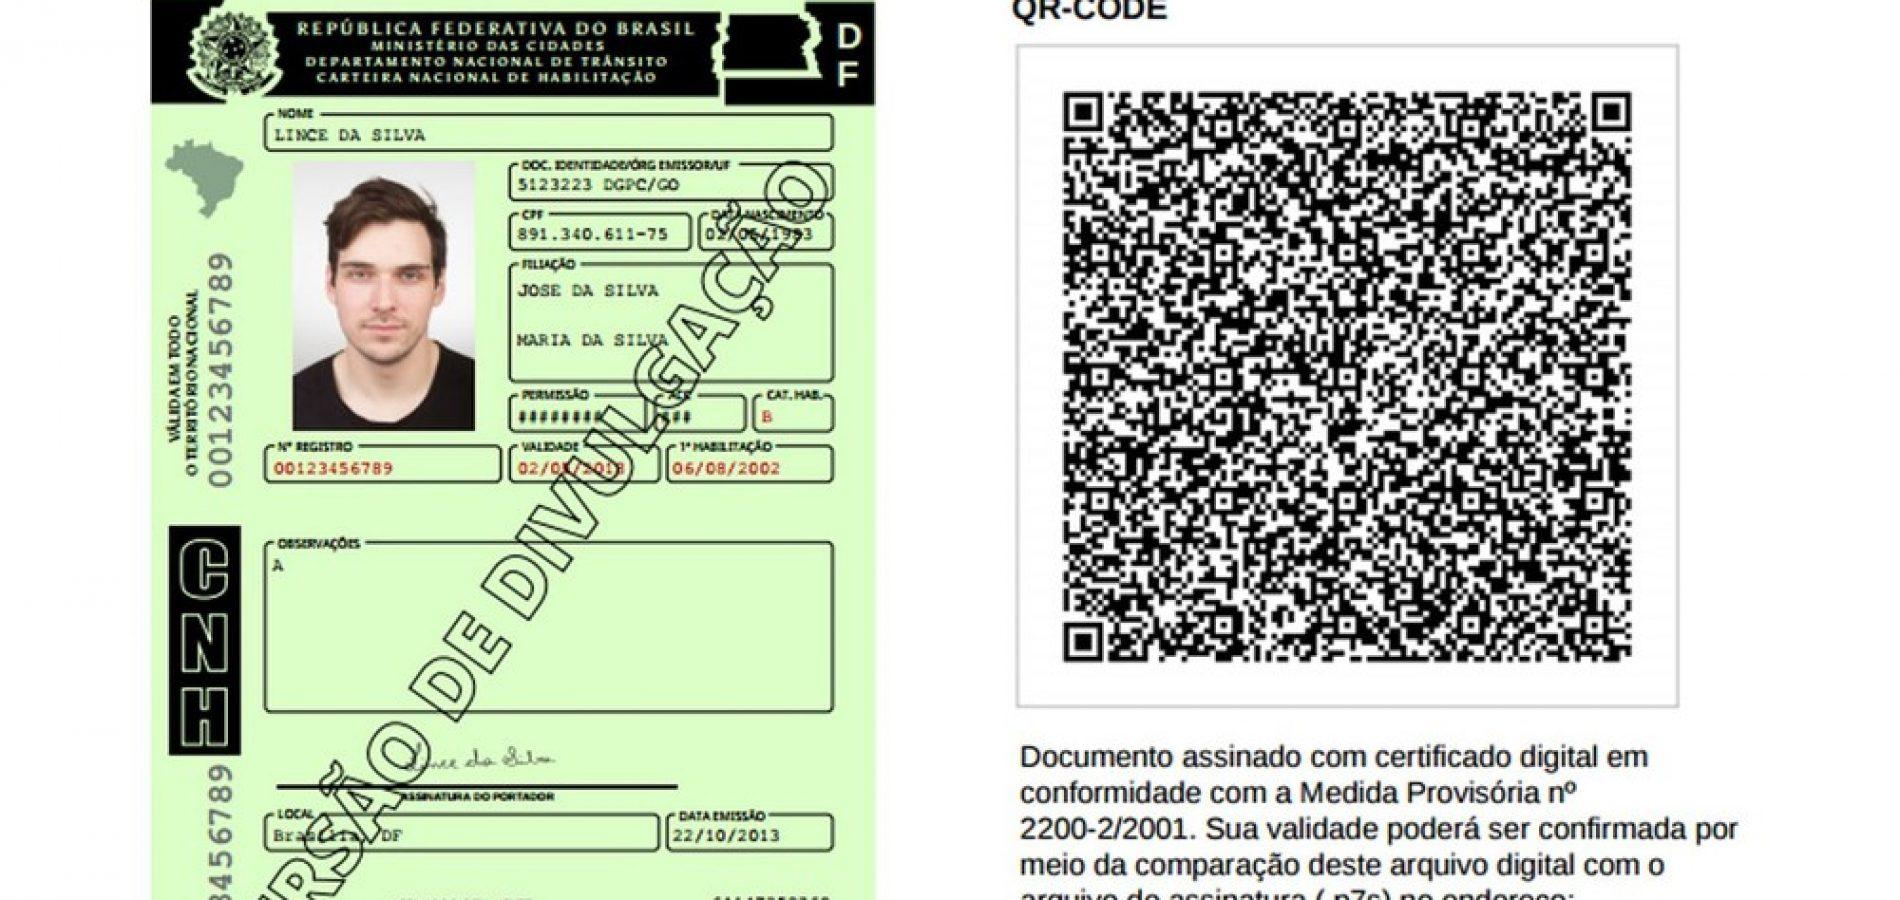 Sistema da CNH digital no Piauí está em fase de testes; veja como vai funcionar